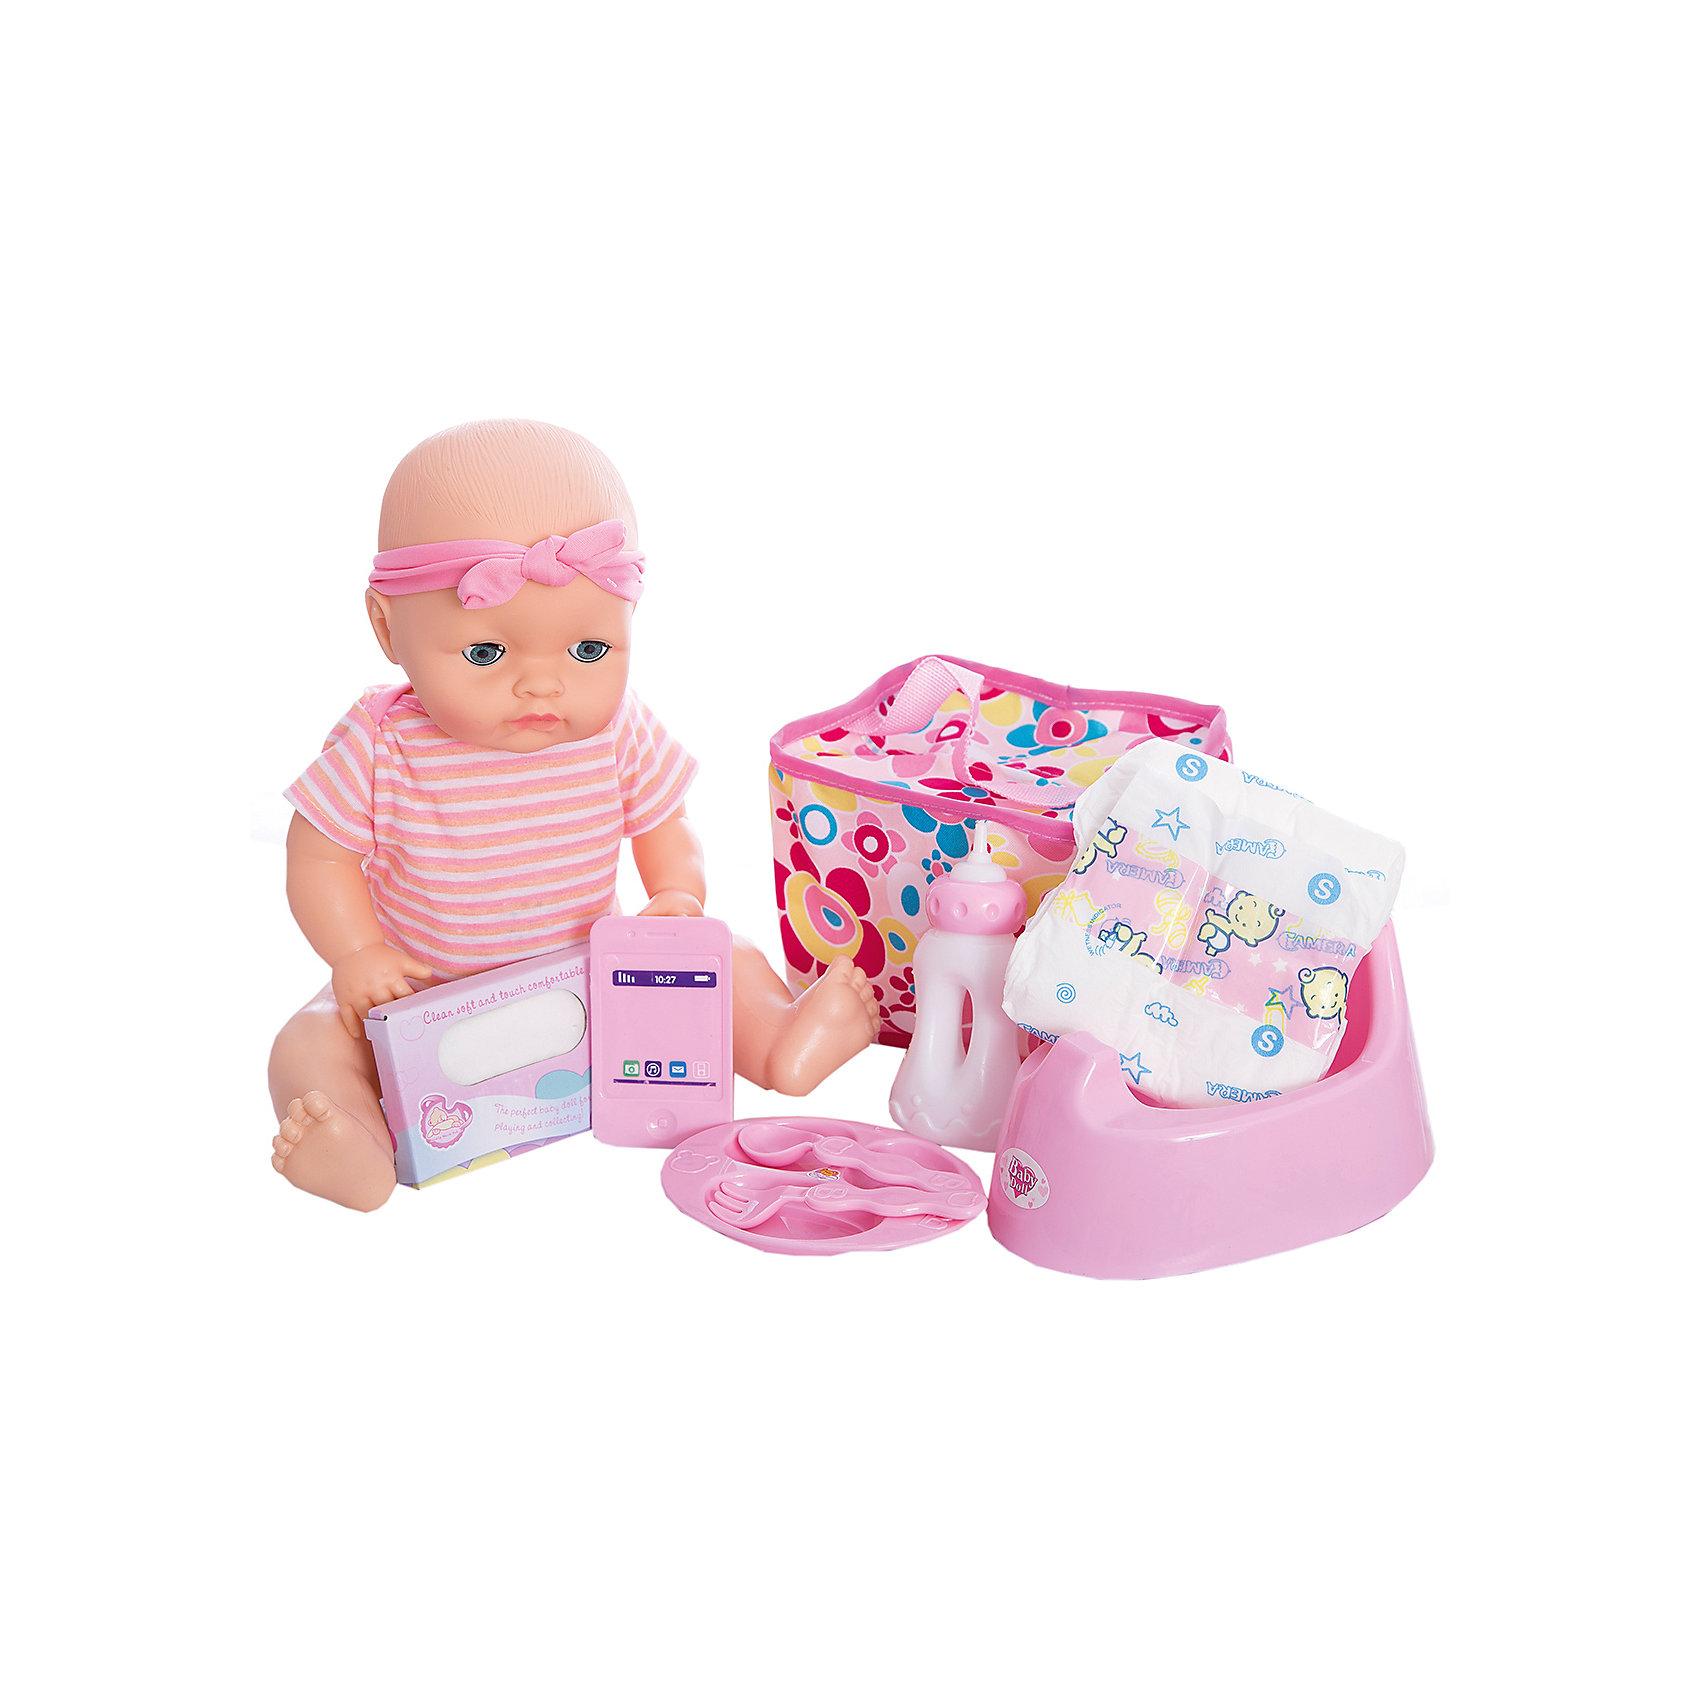 Функциональная кукла, озвученная, 40 см, Shantou GepaiИнтерактивные куклы<br>Функциональная кукла, озвученная, 40 см, Shantou Gepai - эта интересная кукла выглядит как настоящий малыш! Более того, в комплекте у этого пупса имеется все необходимое – бутылочка для кормления, детская тарелочка с возможностью разделения на три блюда, оригинальные ложка и вилка. У куклы в наборе имеется горшок и она умеет писать, в наборе имеется подгузник, салфетки и удобная сумочка для хранения всех необходимых аксессуаров куклы. Кукла одета в милое полосатое боди с цветочками, а не голове стильная розовая повязки. Если куклу положить, то ее глазки закроются. Нейтральное выражения лица пупса поможет ребенку придумать множество своих сценариев и чувств куклы, закладывая фундамент социальных навыков и социального развития. Играя с куклами дети познают человека, как с физиологической, так и с стороны общения между людьми, развивается моторика рук, внимание, воображение, такие игры положительно влияют на психологическое развитие. <br><br>Дополнительная информация:<br><br>- В комплект входит: 1 кукла в одежде, тарелка, ложка и вилка, бутылочка, горшок, подгузник, салфетки, сумочка.<br>- Материал: ПВХ, текстиль, пластик <br>- Размер куклы: 40 см<br><br>Функциональную куклу, озвученная, 40 см, Shantou Gepai можно купить в нашем интернет-магазине.<br><br>Подробнее:<br>• Для детей в возрасте: от 3 до 10 лет<br>• Номер товара: 4925545<br>Страна производитель: Китай<br><br>Ширина мм: 380<br>Глубина мм: 215<br>Высота мм: 360<br>Вес г: 1930<br>Возраст от месяцев: 36<br>Возраст до месяцев: 120<br>Пол: Женский<br>Возраст: Детский<br>SKU: 4925545